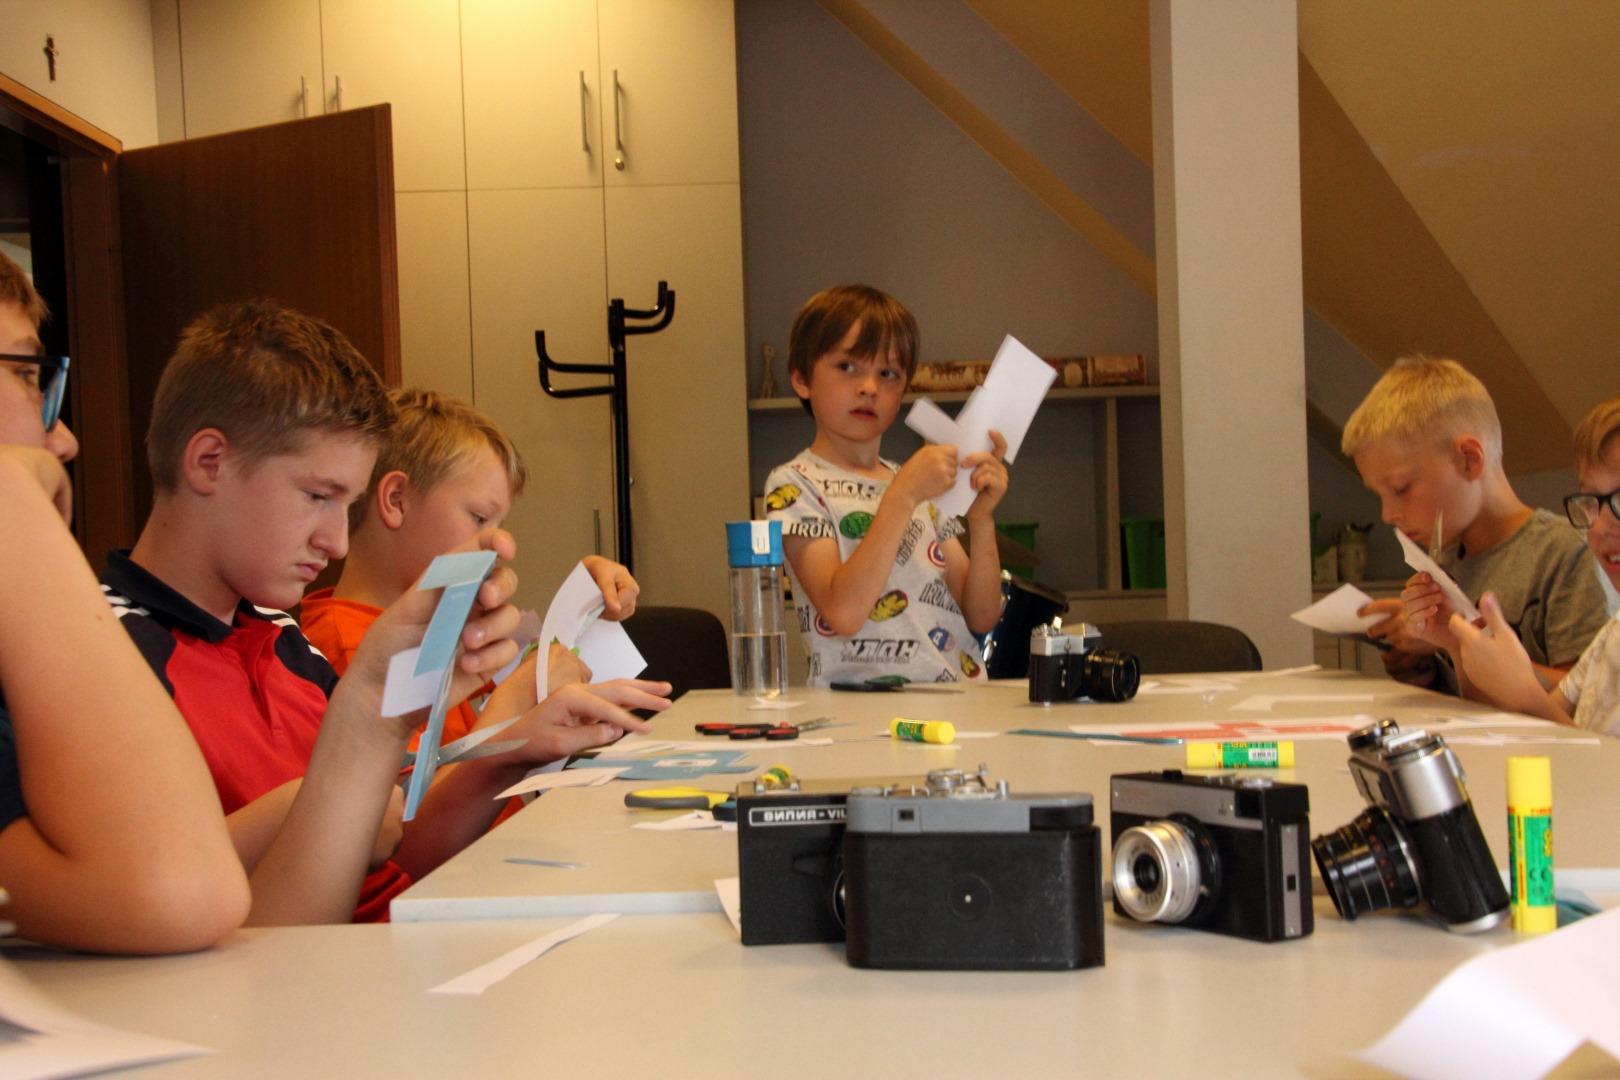 na zdjęciu dzieci stojące przy stolikach, sklejające model aparatu fotograficznego